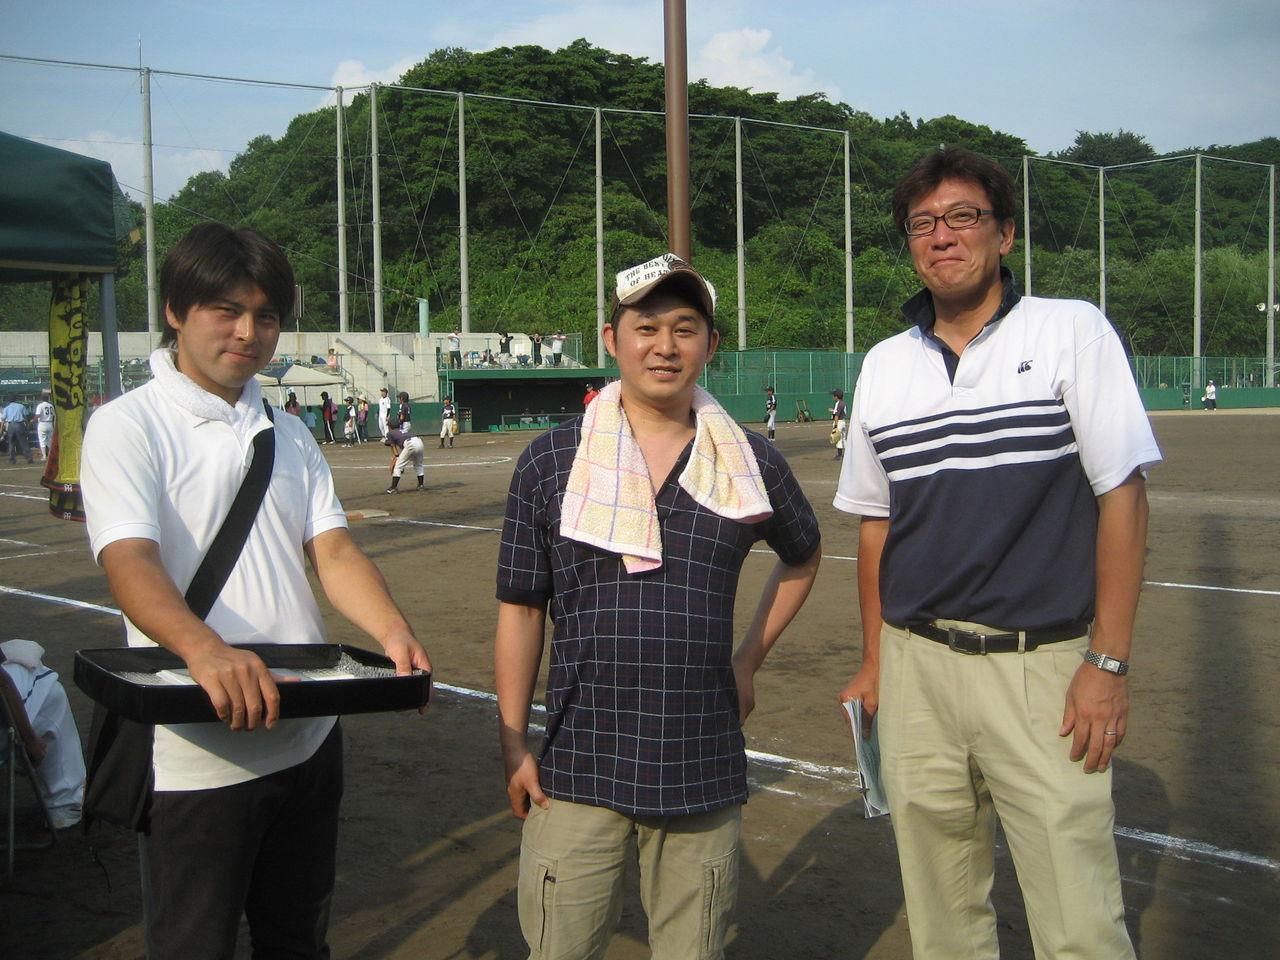 雨で中止 | 不妊|鍼灸|大阪|卵子の質|鍼灸治療は三ツ川レディース鍼灸院